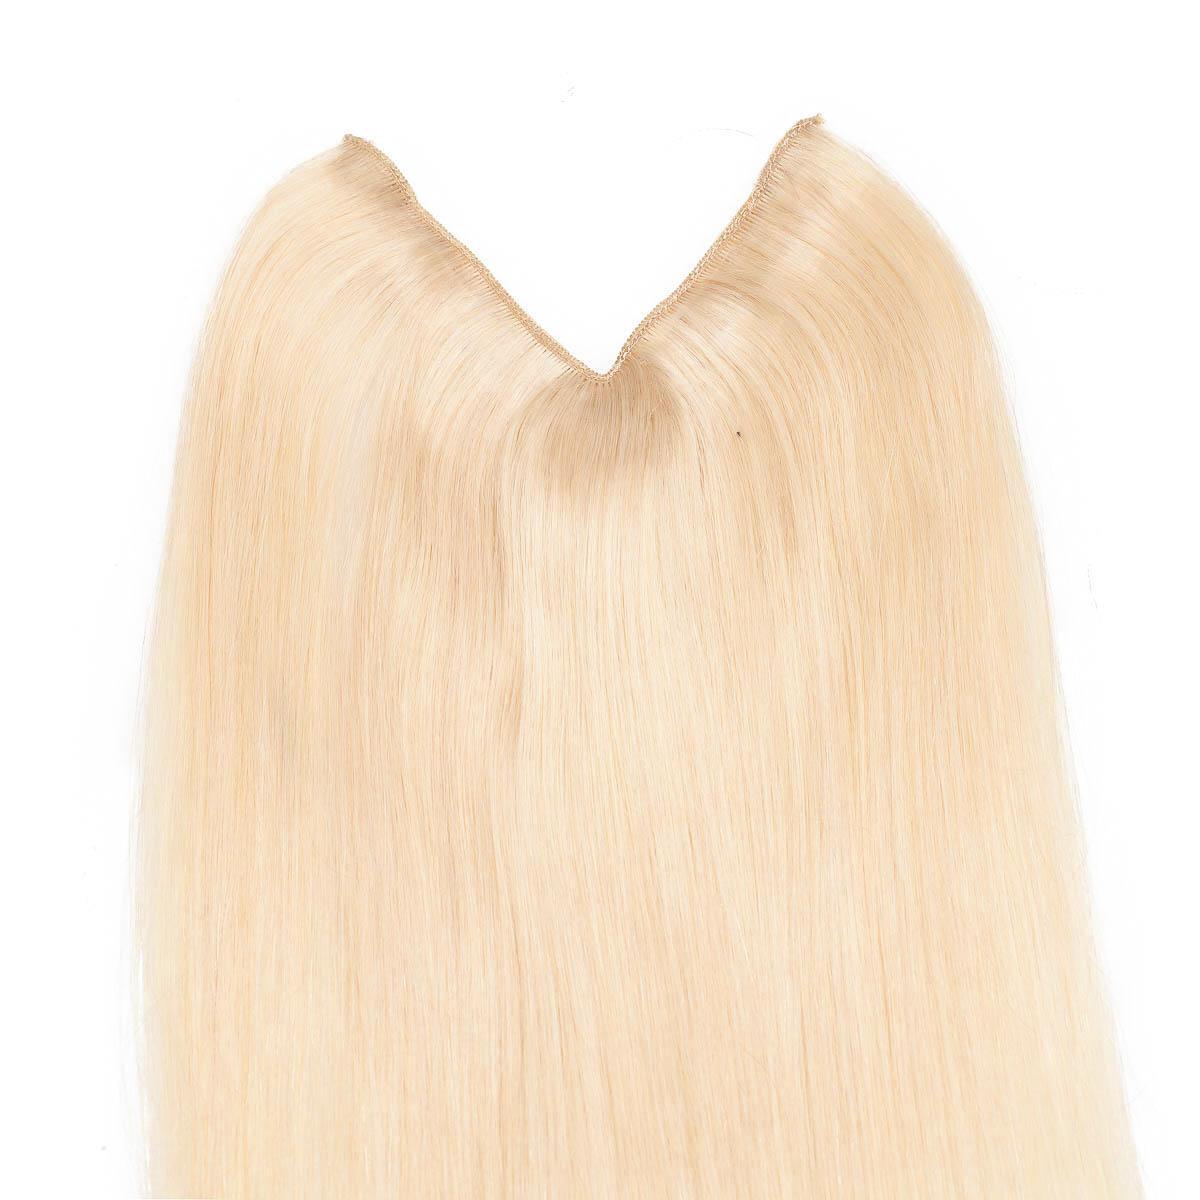 Easy Clip-in 8.0 Light Golden Blonde 50 cm